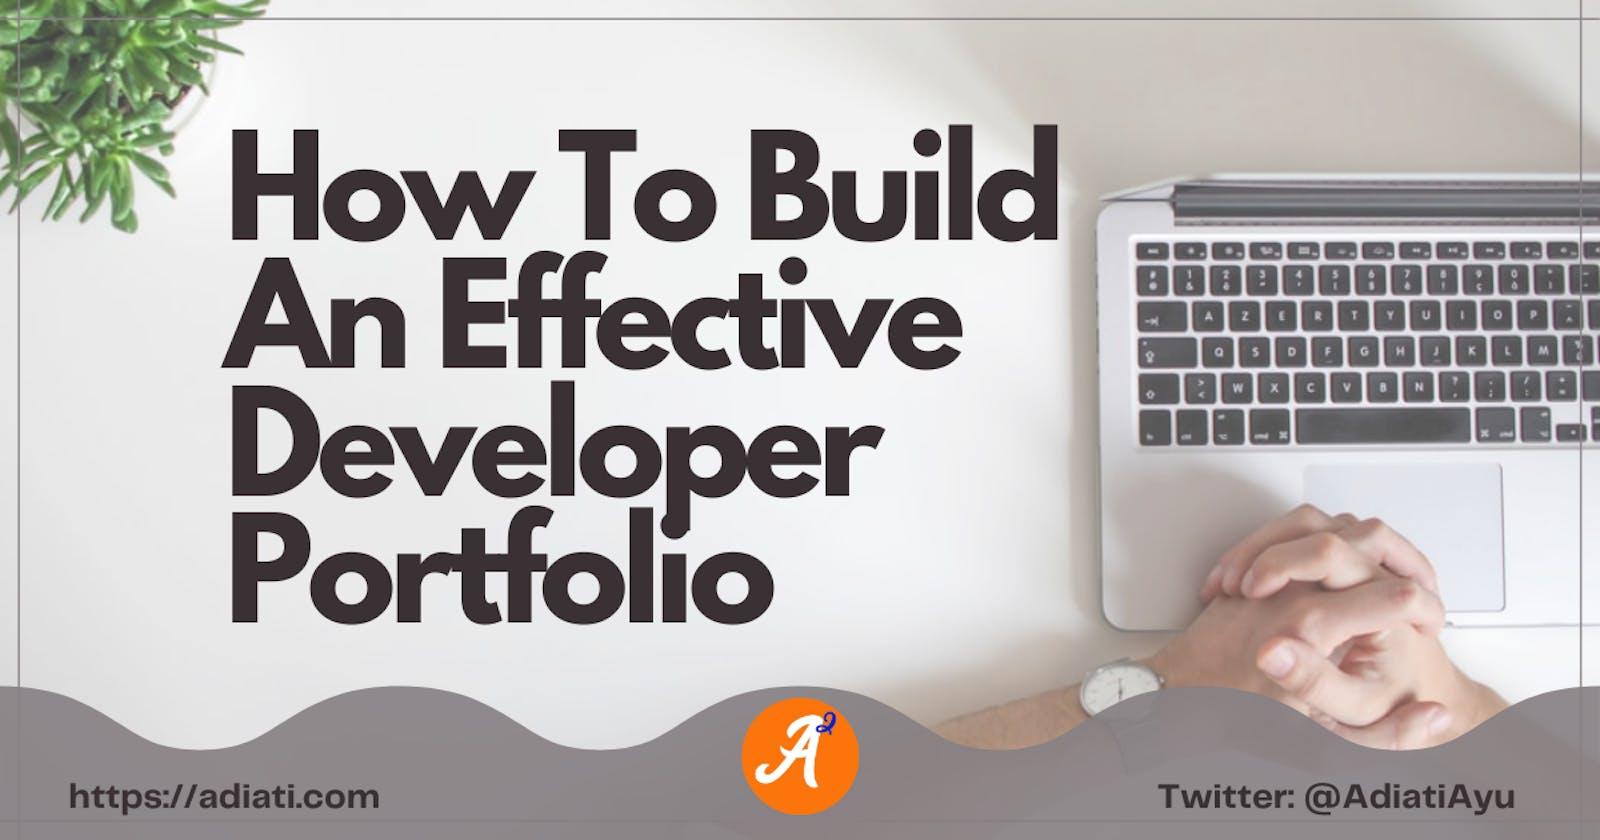 How To Build An Effective Developer Portfolio